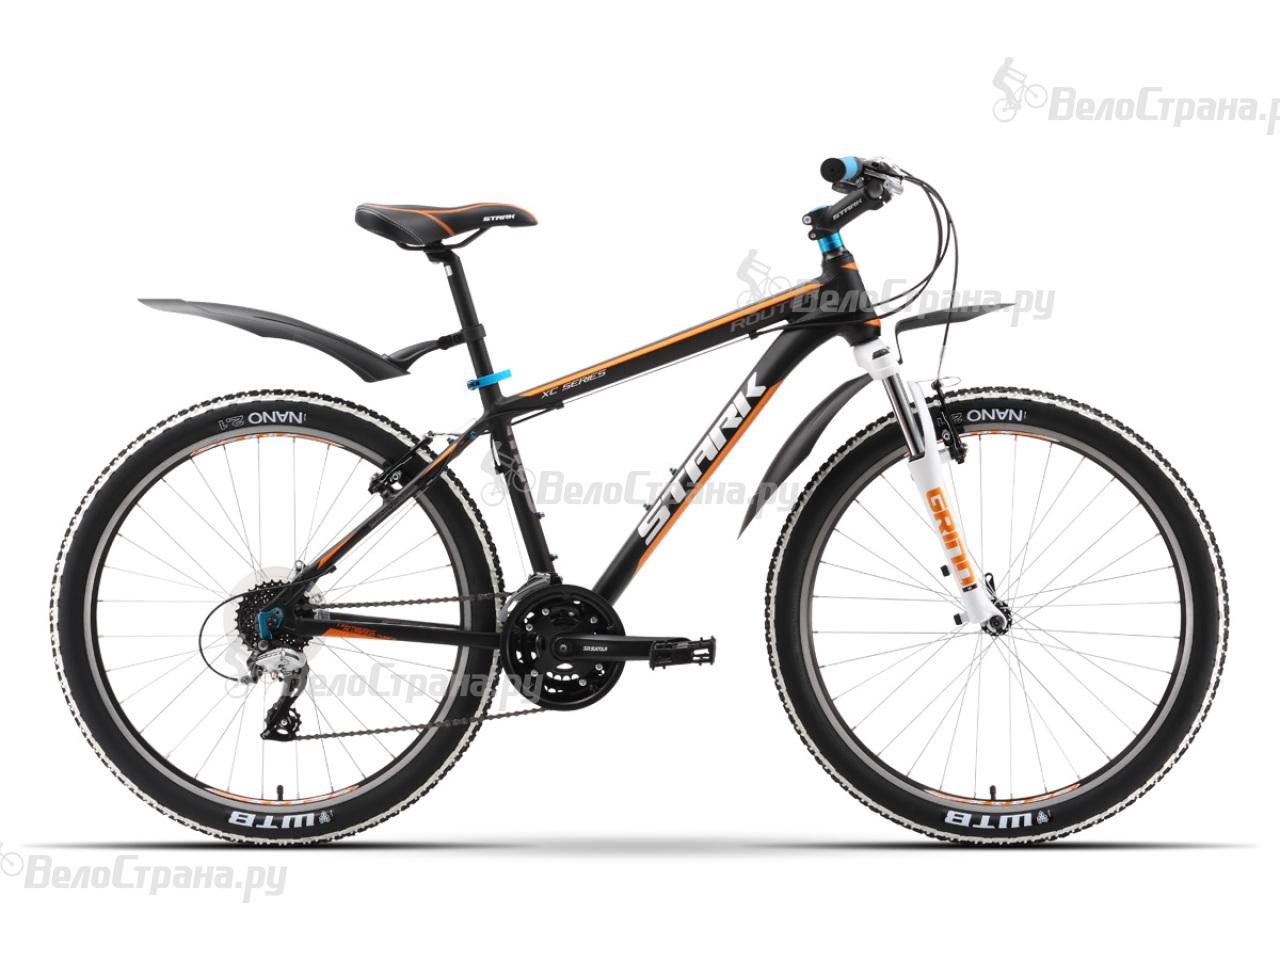 Велосипед Stark Router (2016) велосипед stark router lady 26 2016